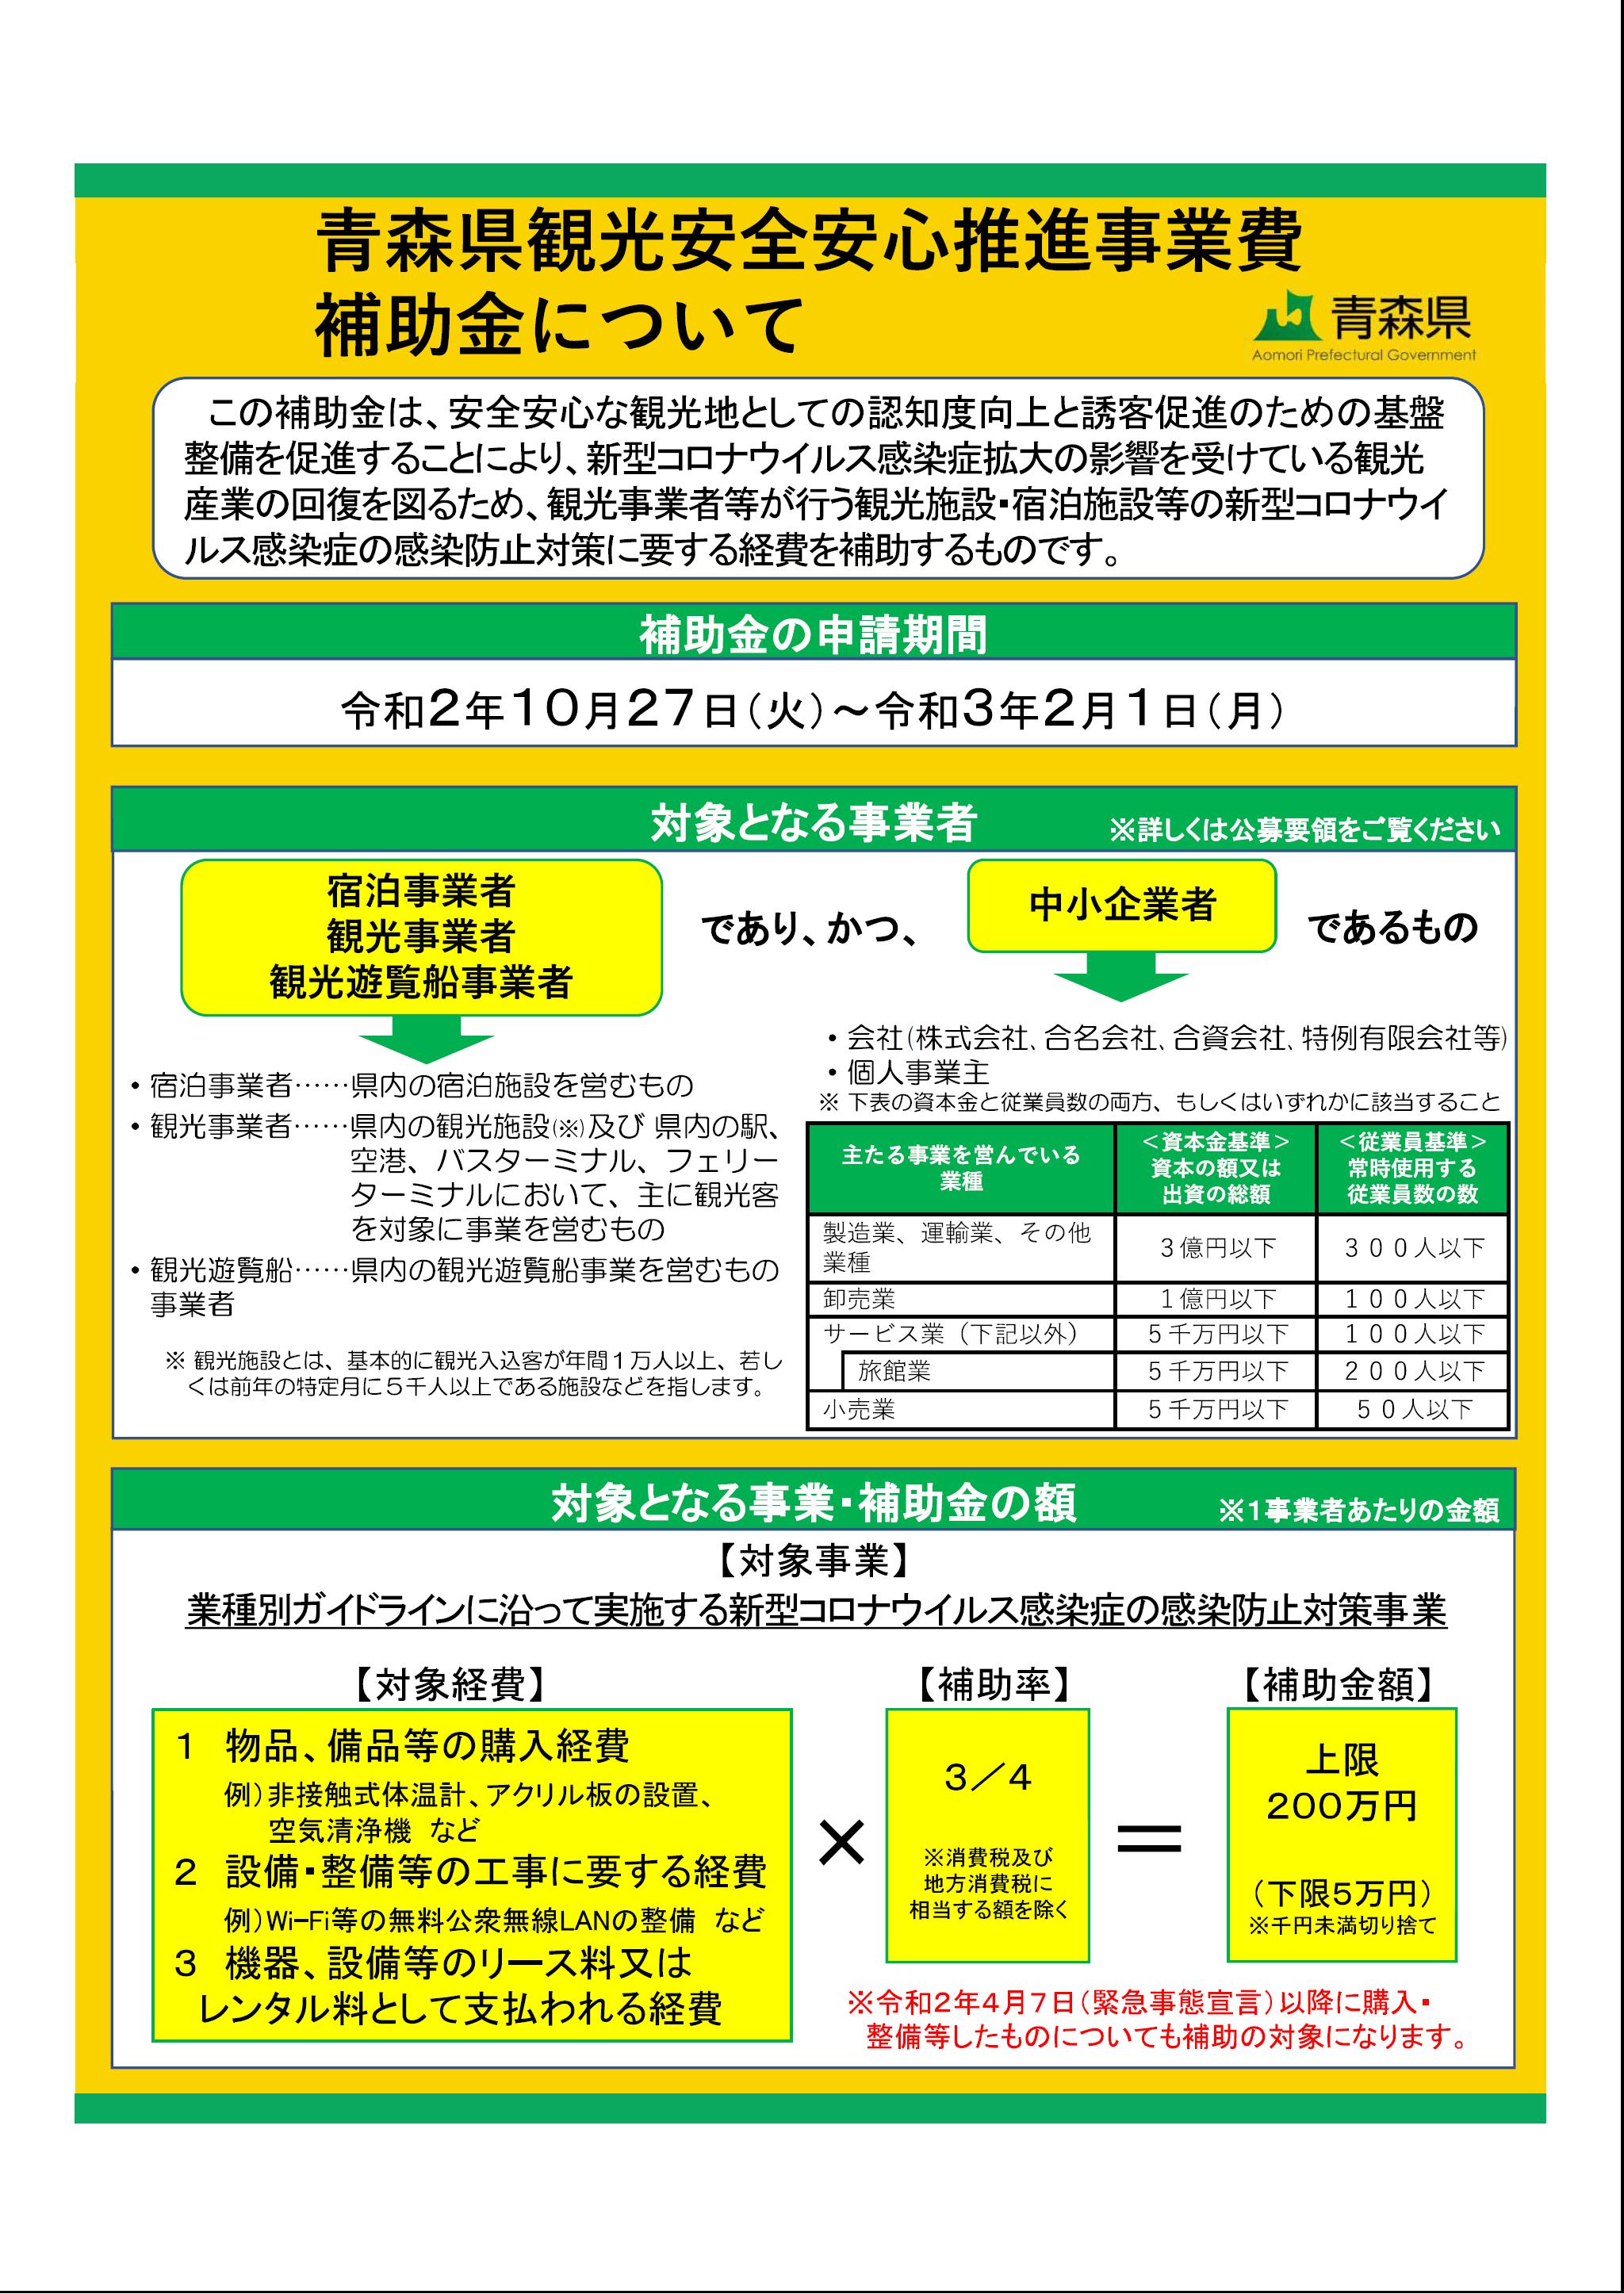 青森 県 コロナ 新型